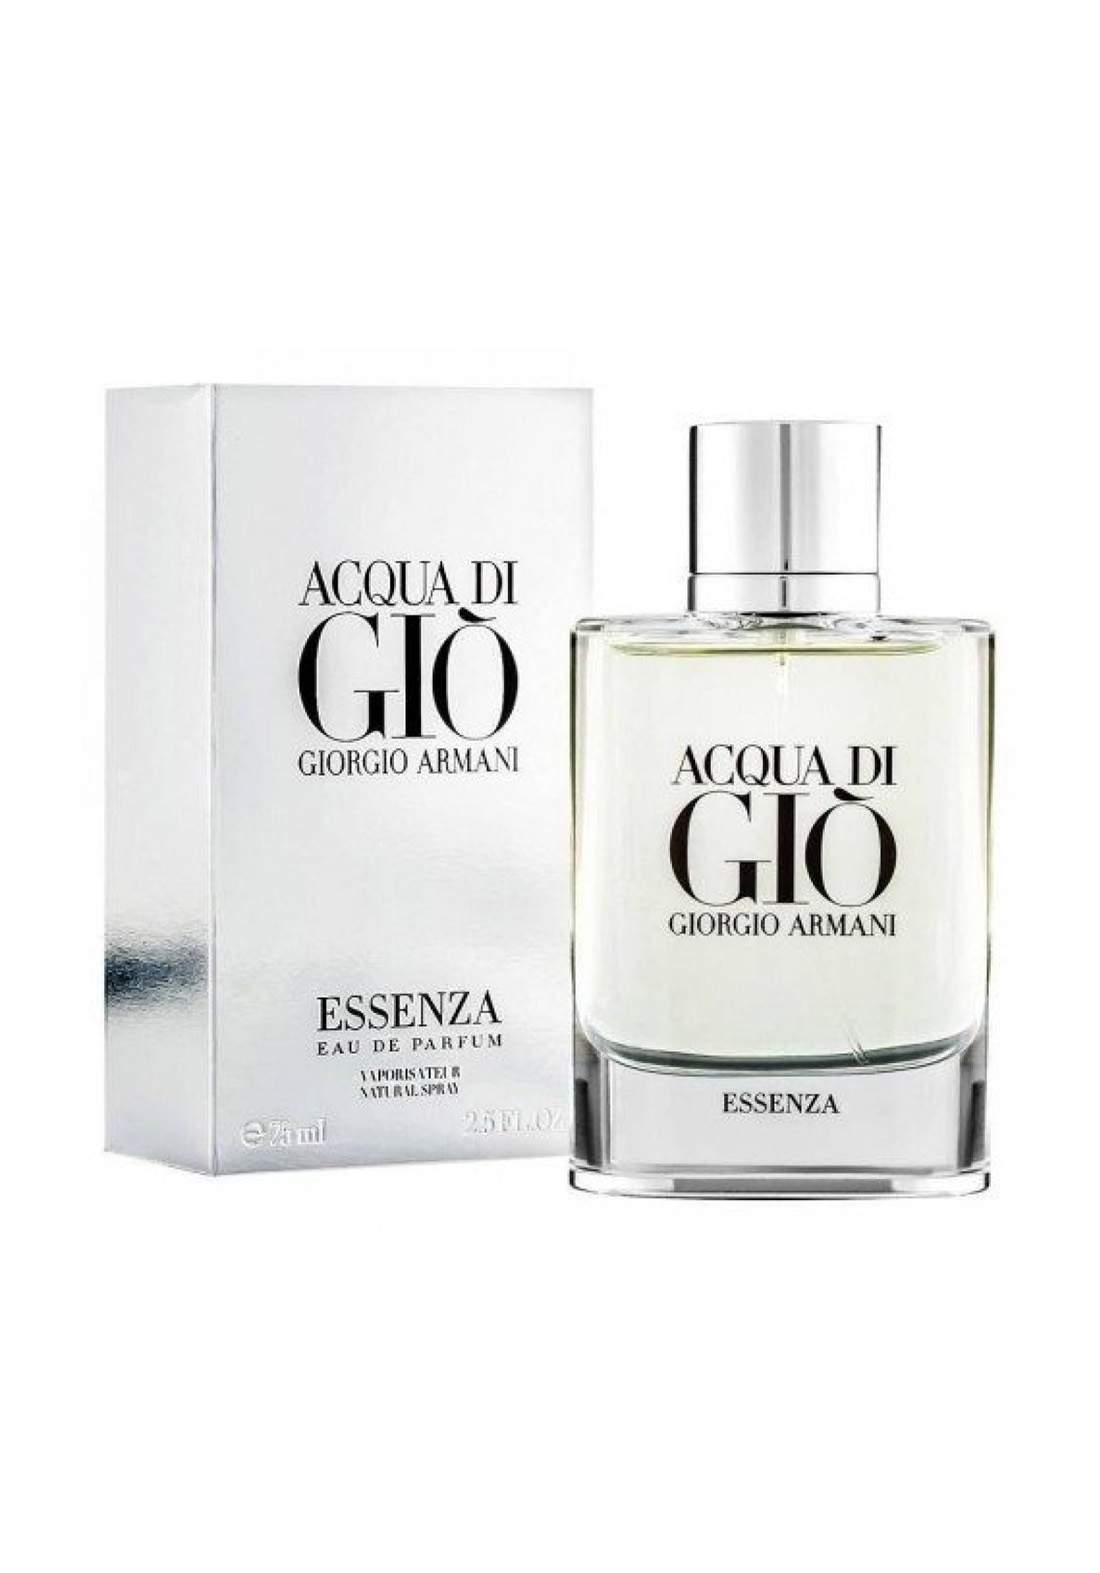 Acqua di Gio Essenza Giorgio Armani75 ml - عطر رجالي